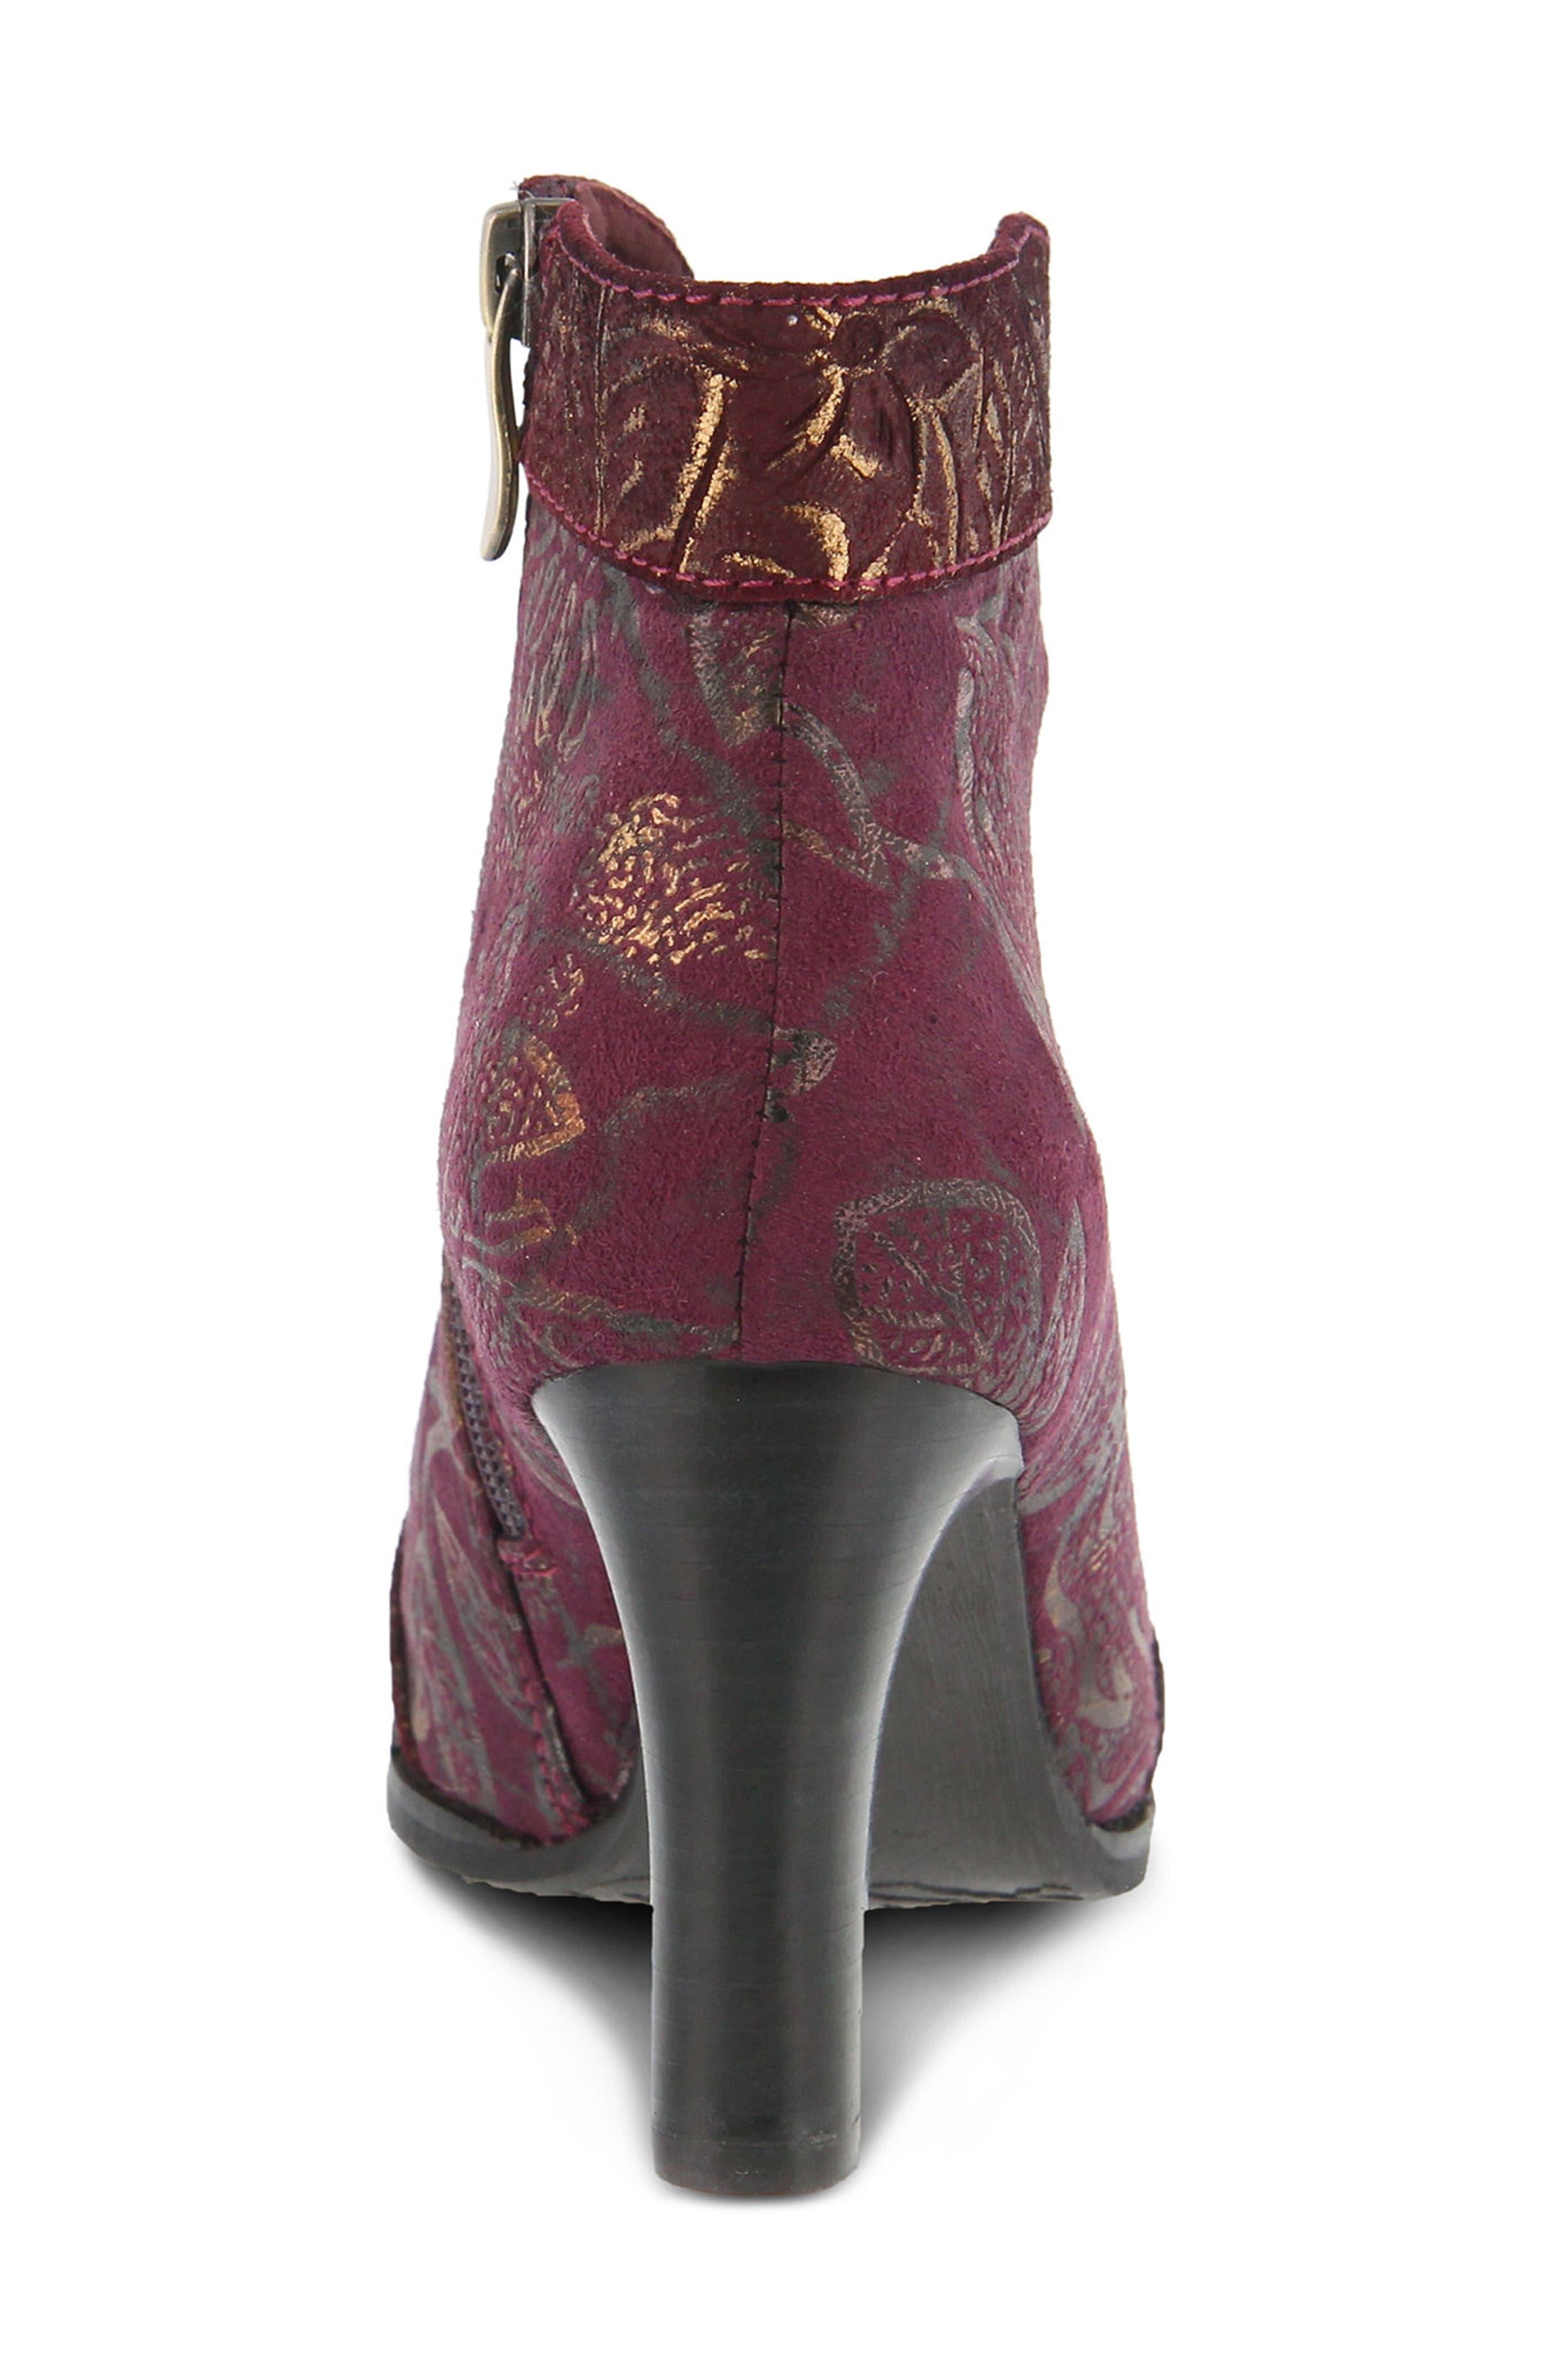 L'Artiste Lidia Bootie,                             Alternate thumbnail 5, color,                             Bordeaux Leather